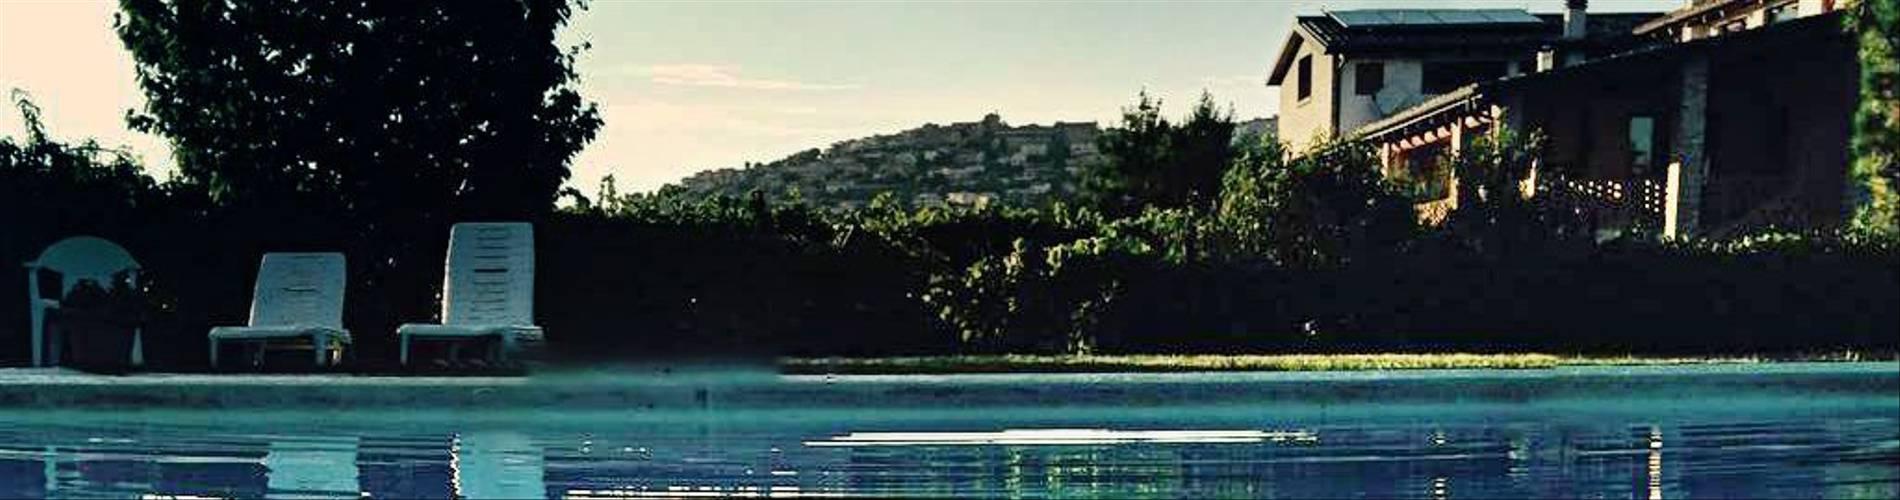 Il Grappolo, Abruzzo, Italy.jpg